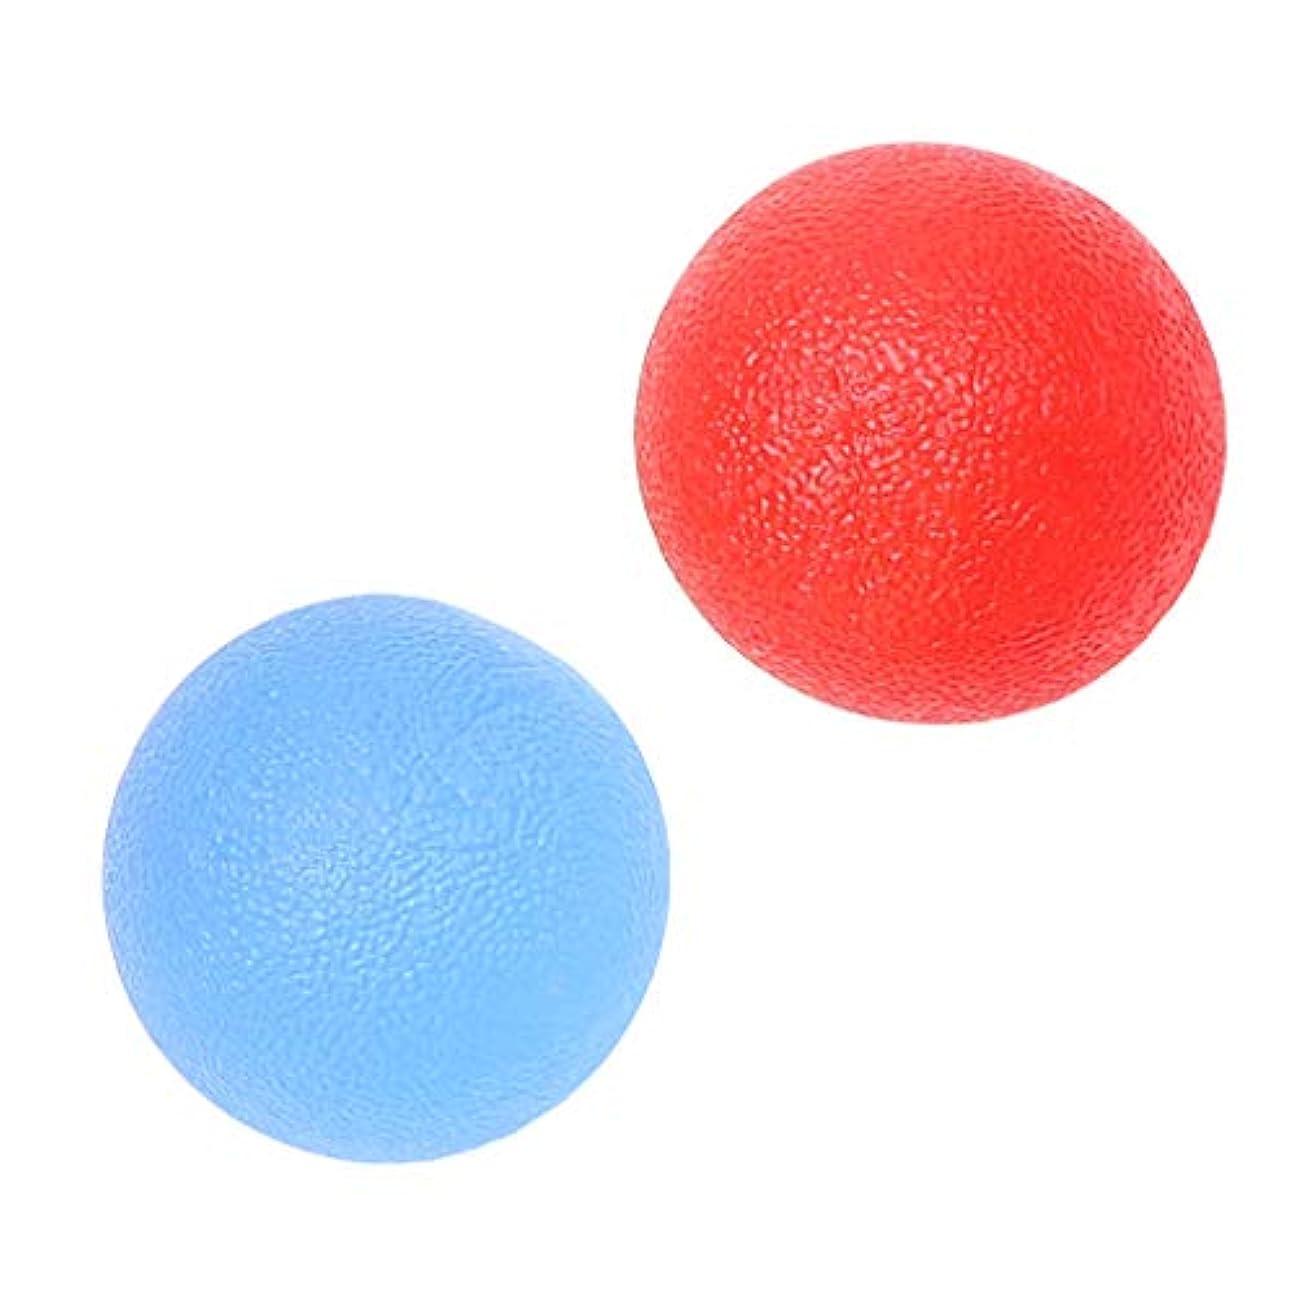 何よりもリビジョンバック2個 ハンドエクササイズボール ハンドグリップ シリコン 指トレーニング ストレス緩和 減圧 赤/青